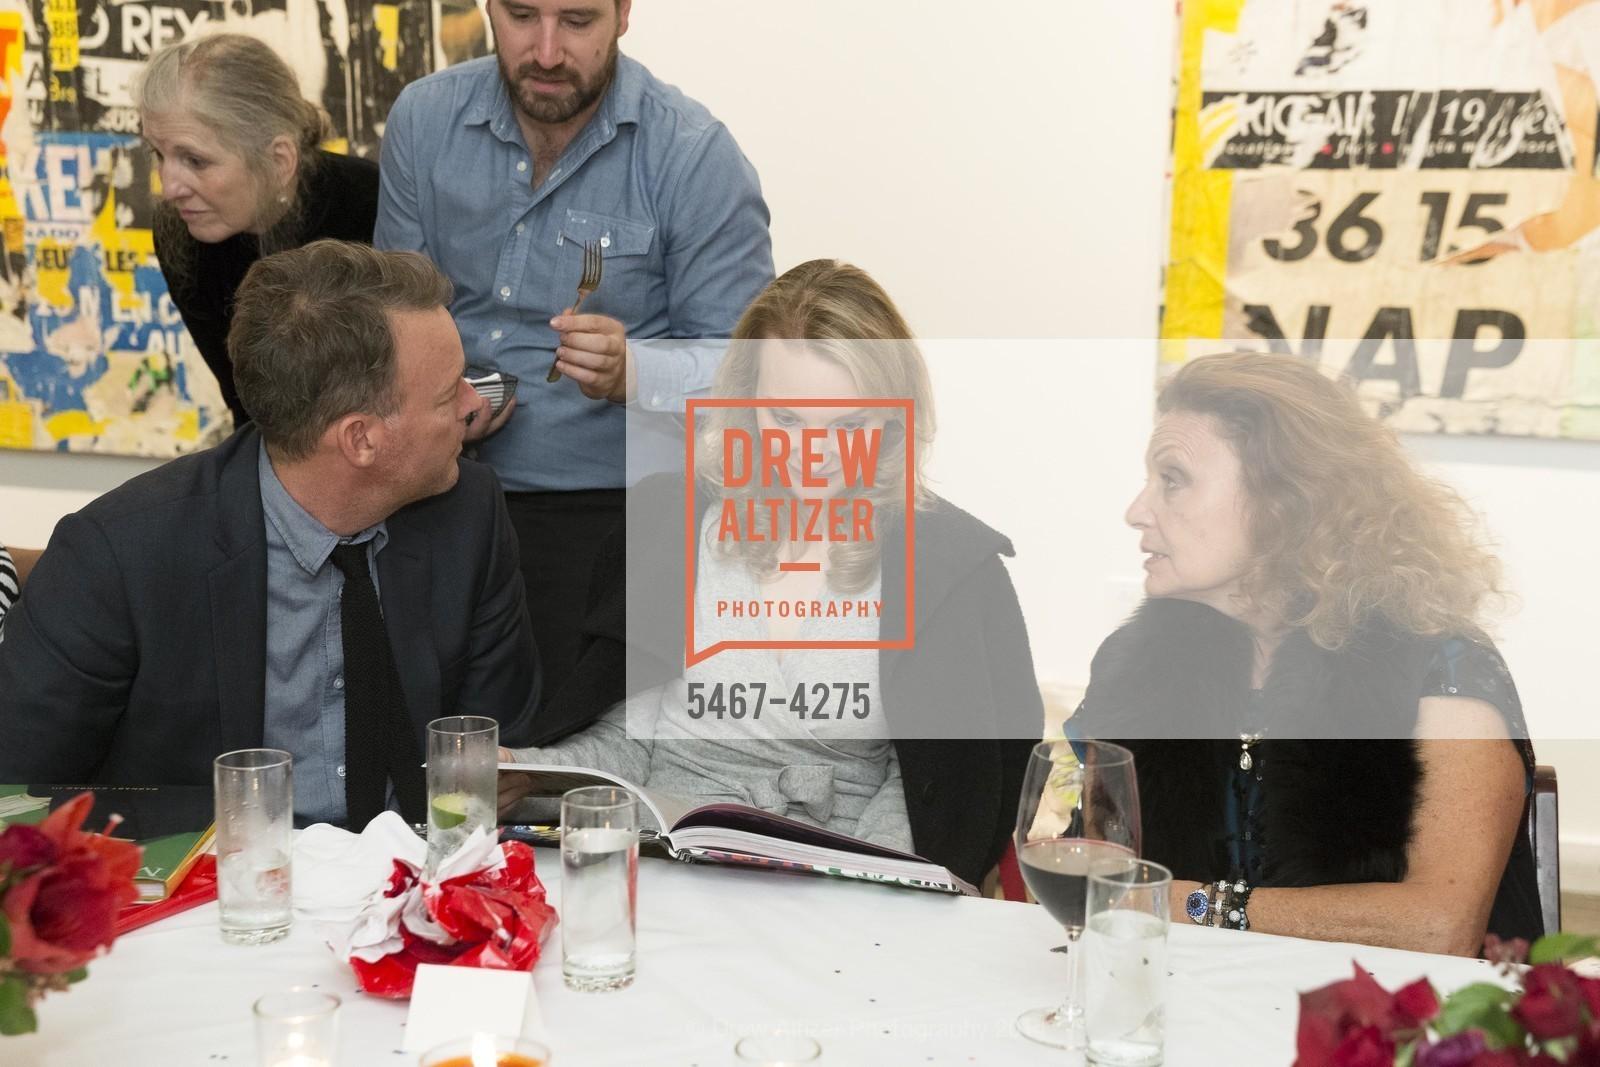 Stephen Tyler, Alyce Nelson, Diane von Furstenberg, Photo #5467-4275